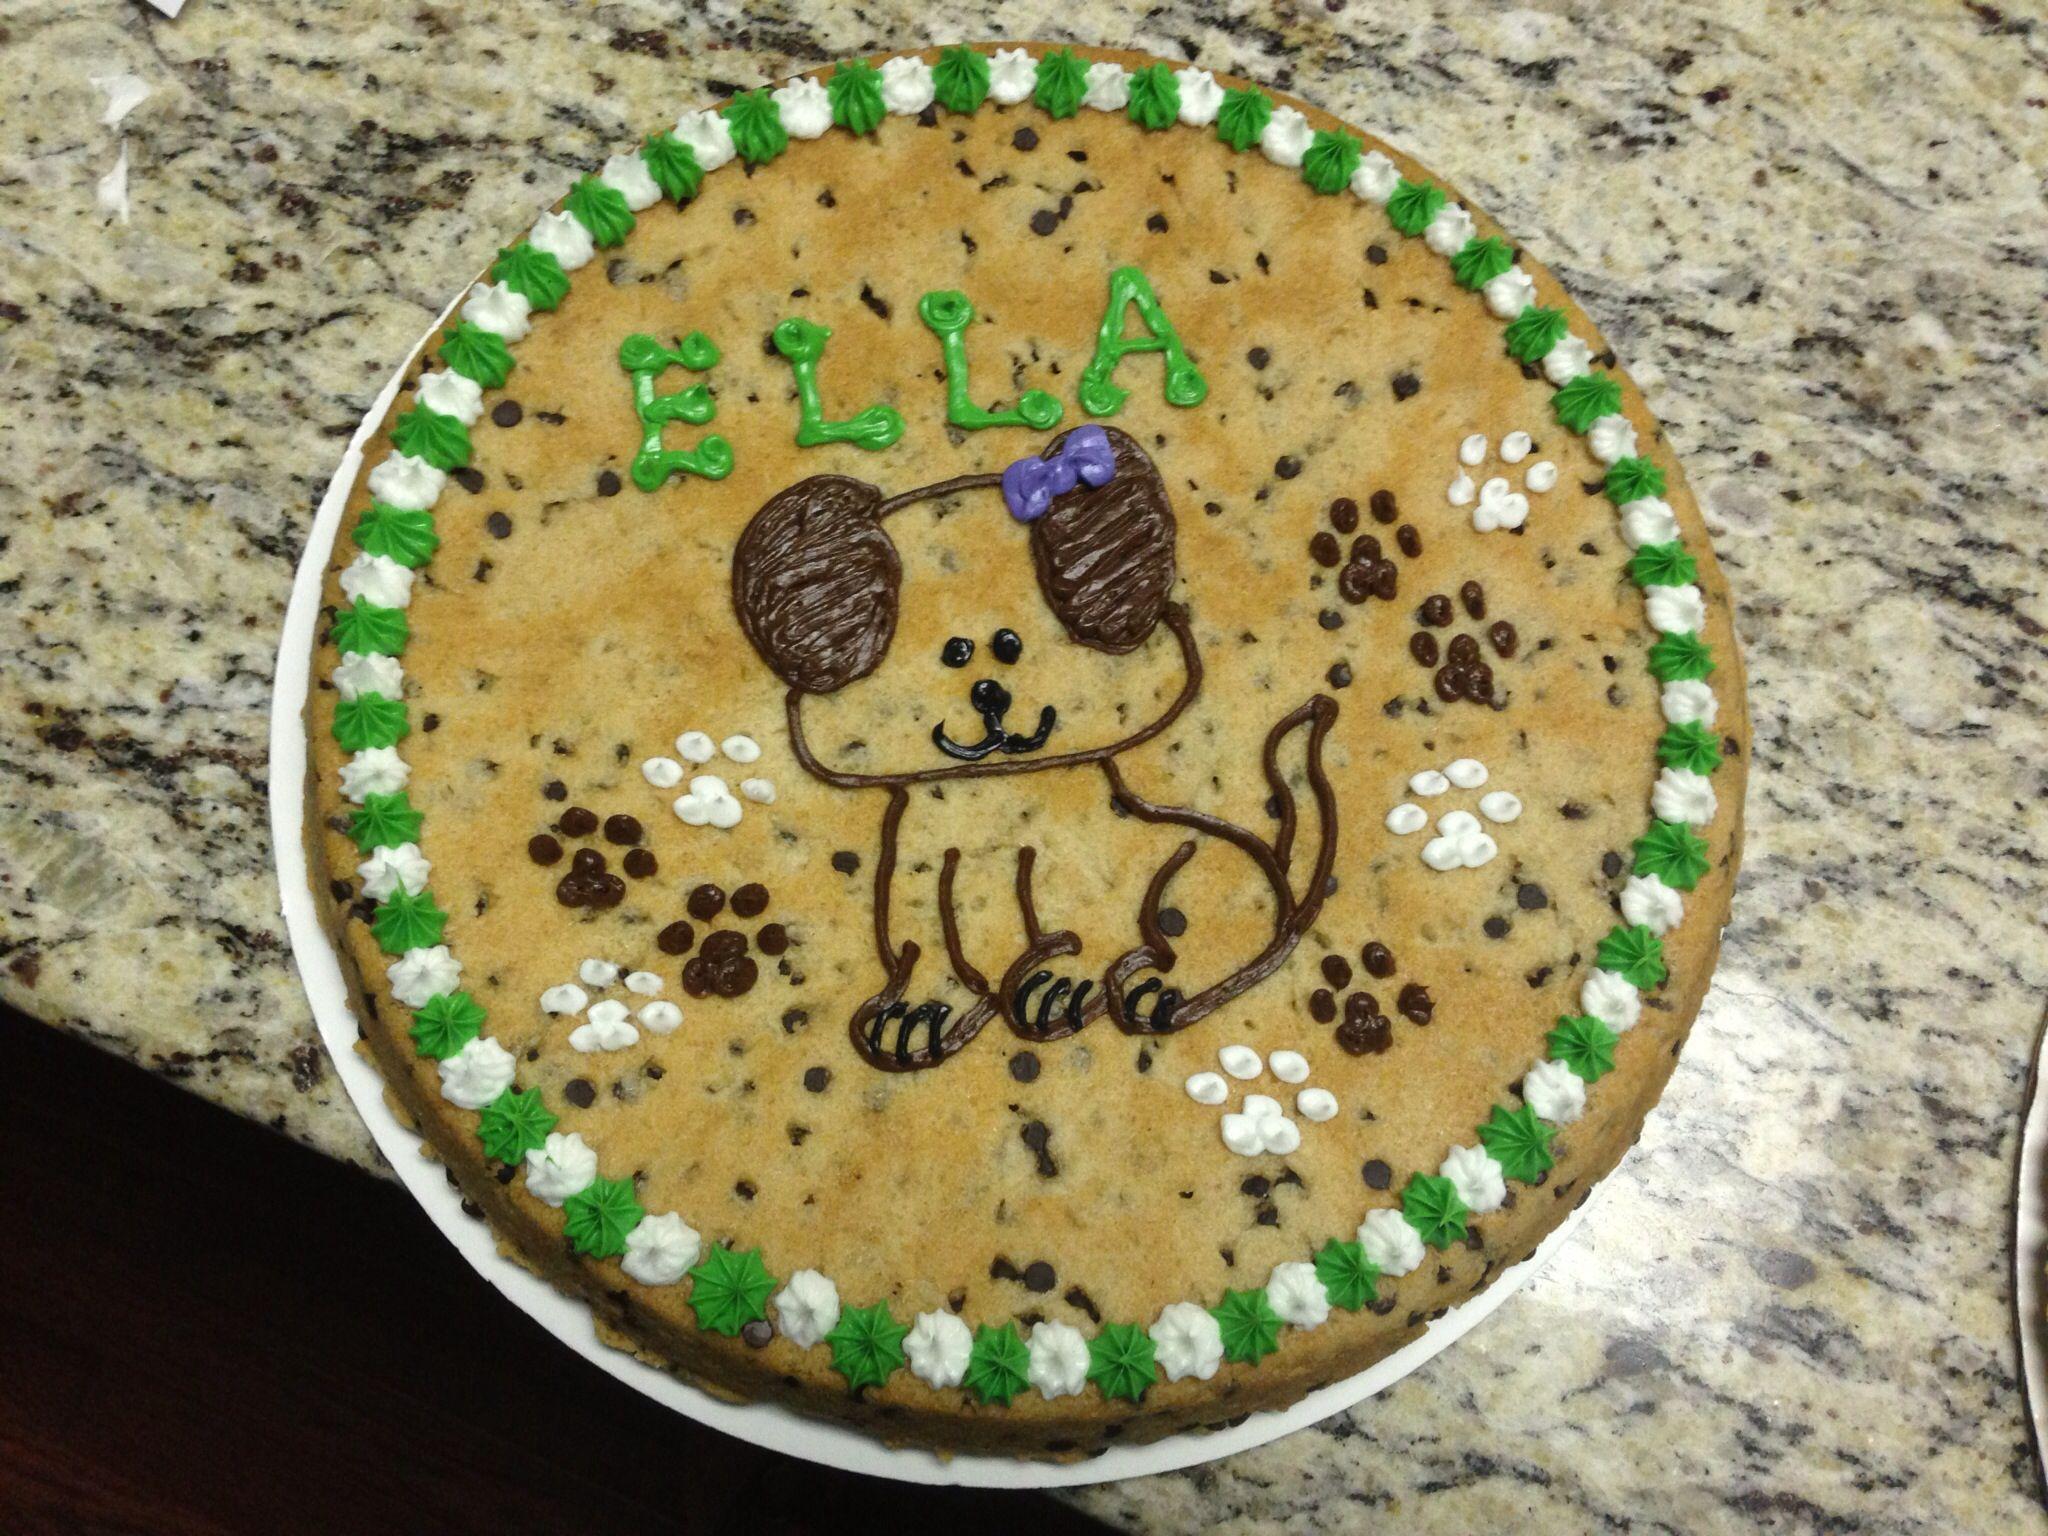 Puppy dog Cookie Cake